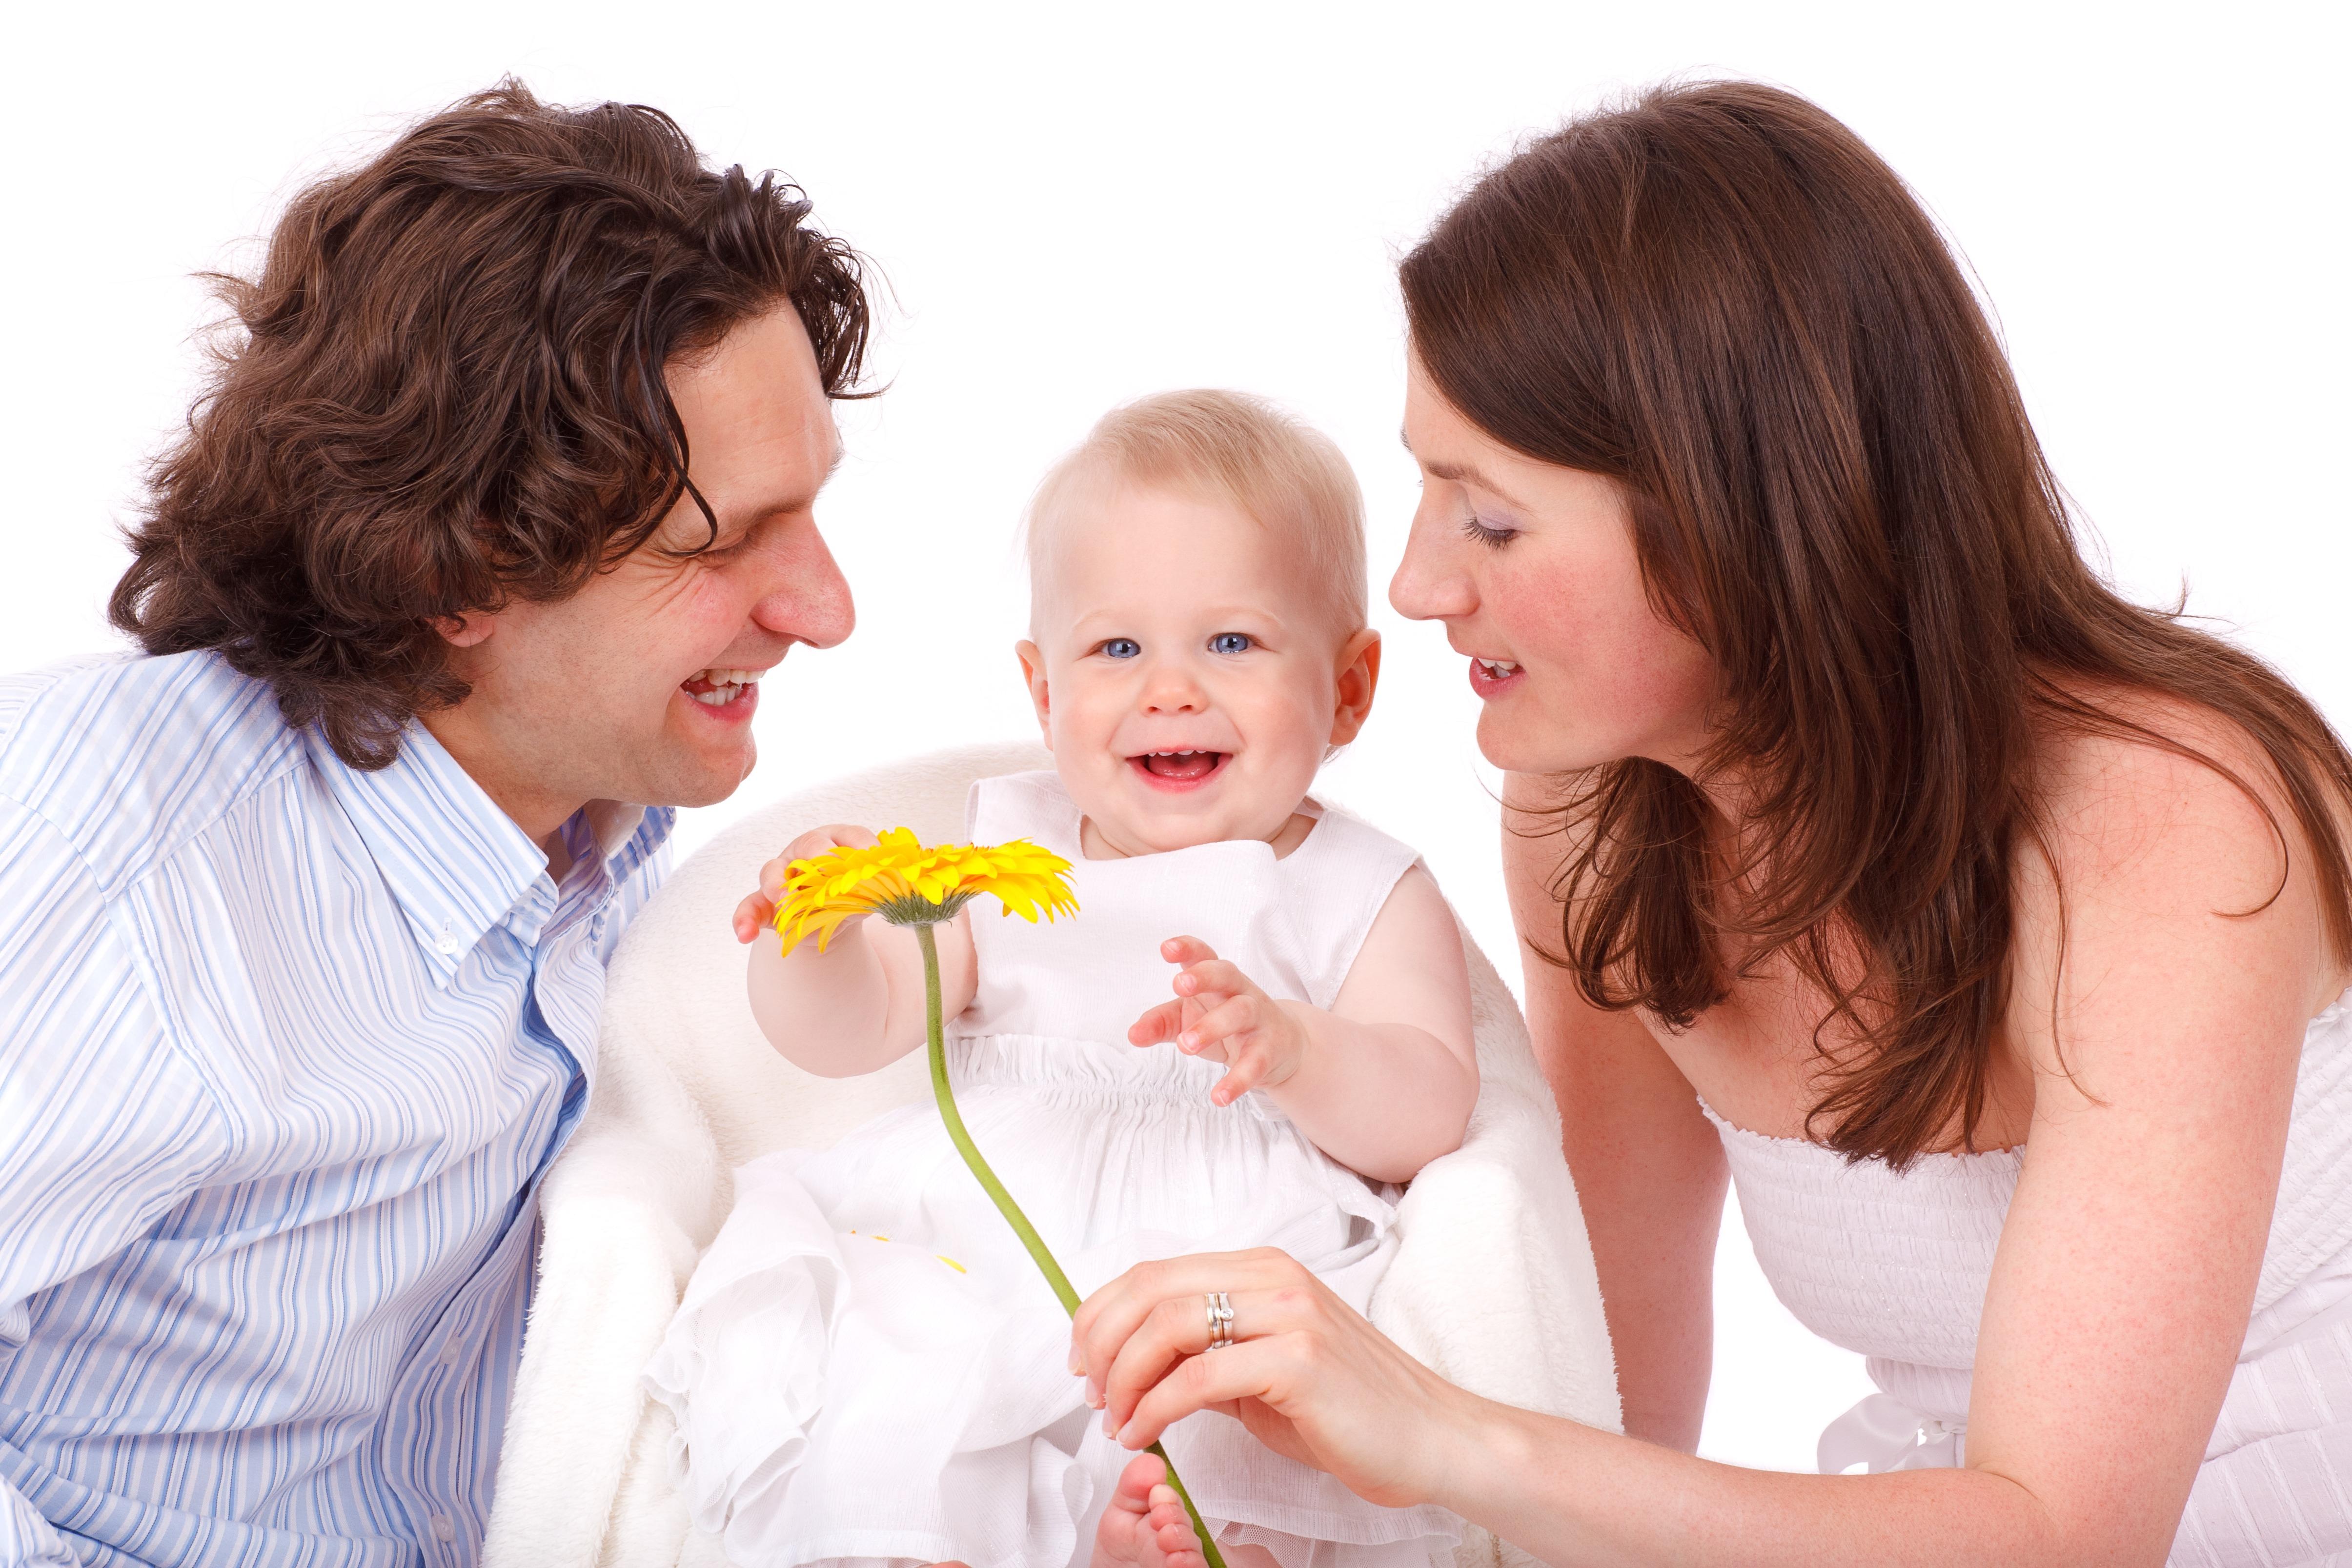 準媽咪們還怕看不懂產檢超音波照嗎?暖心婦產科醫師教你輕鬆解讀超音波~